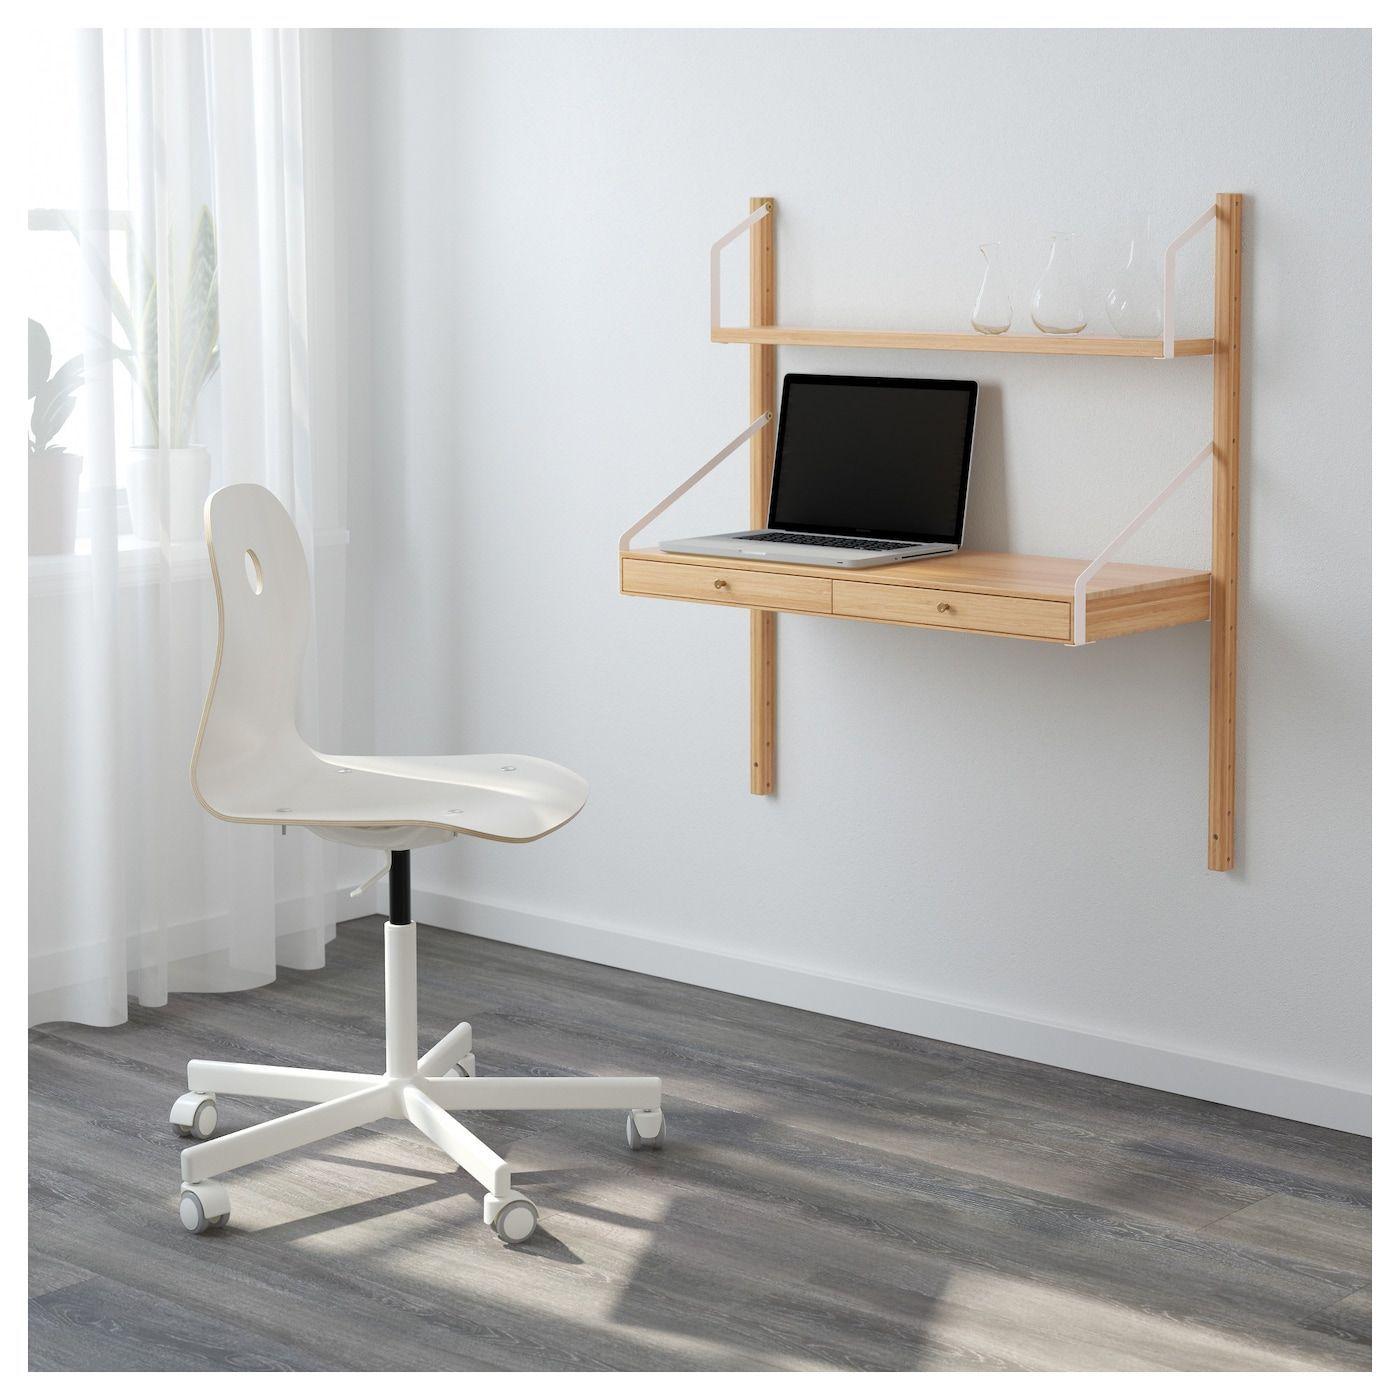 Us Furniture And Home Furnishings Bureau Petit Espace Bureau